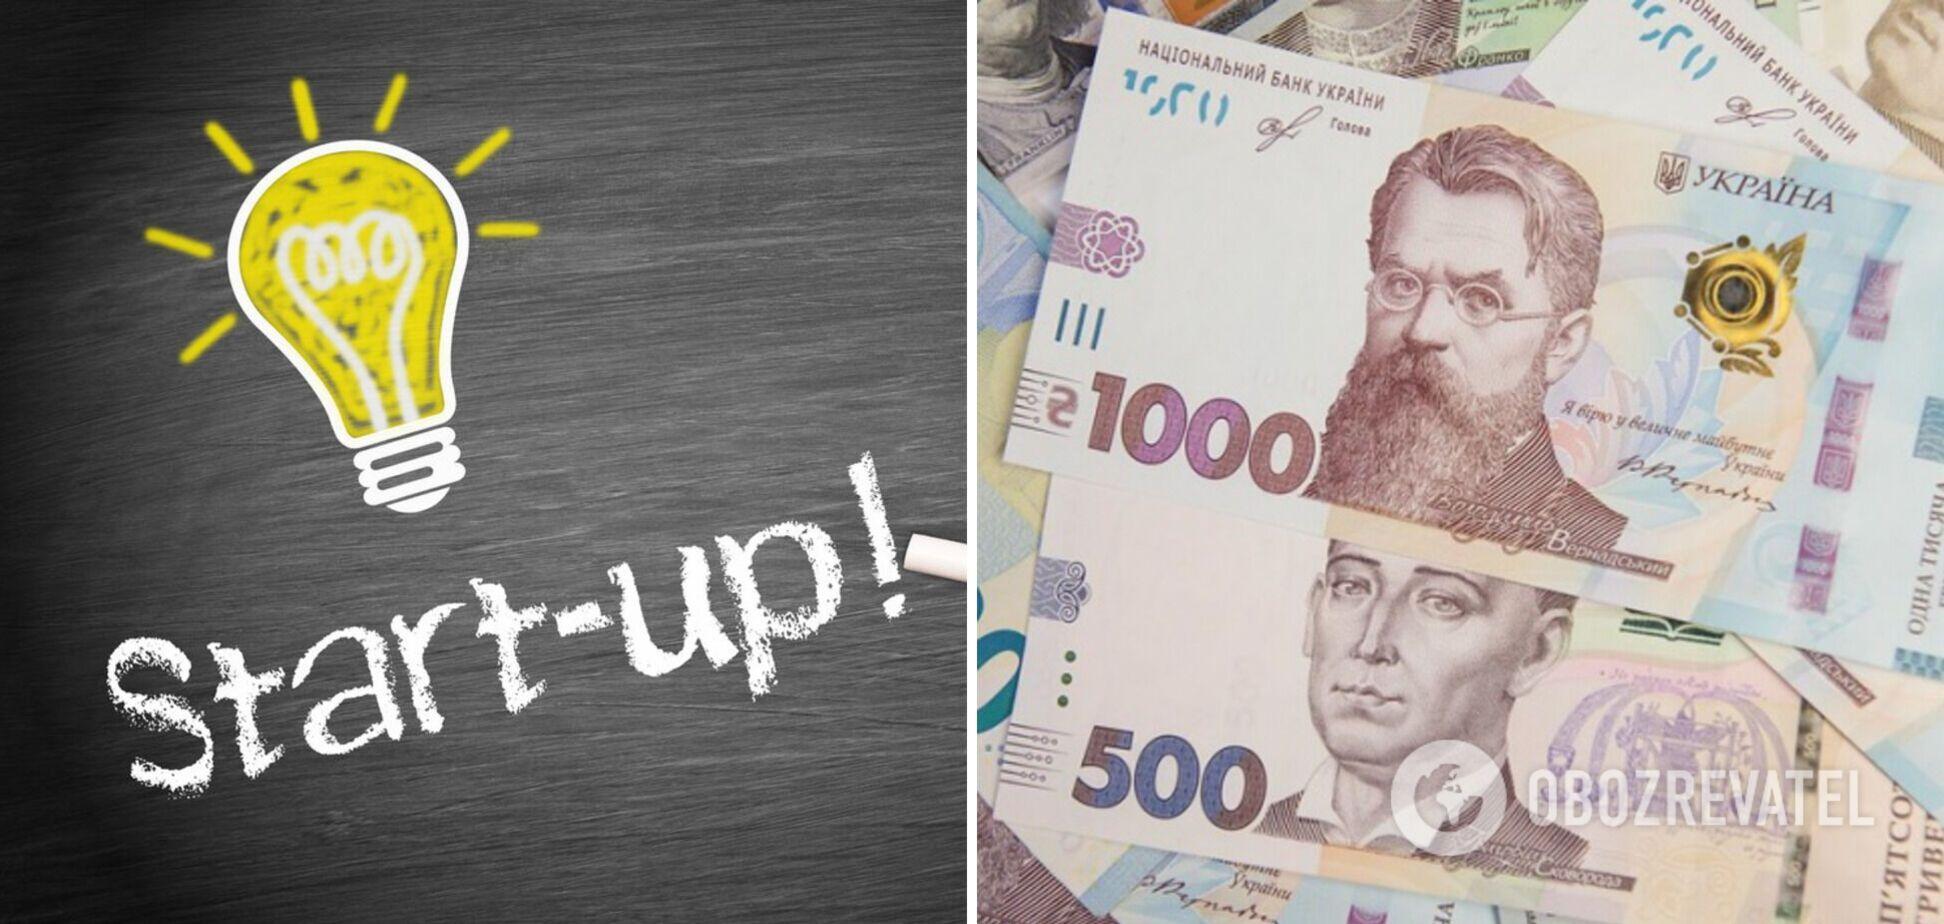 Киянам дадуть десятки тисяч гривень за стартапи